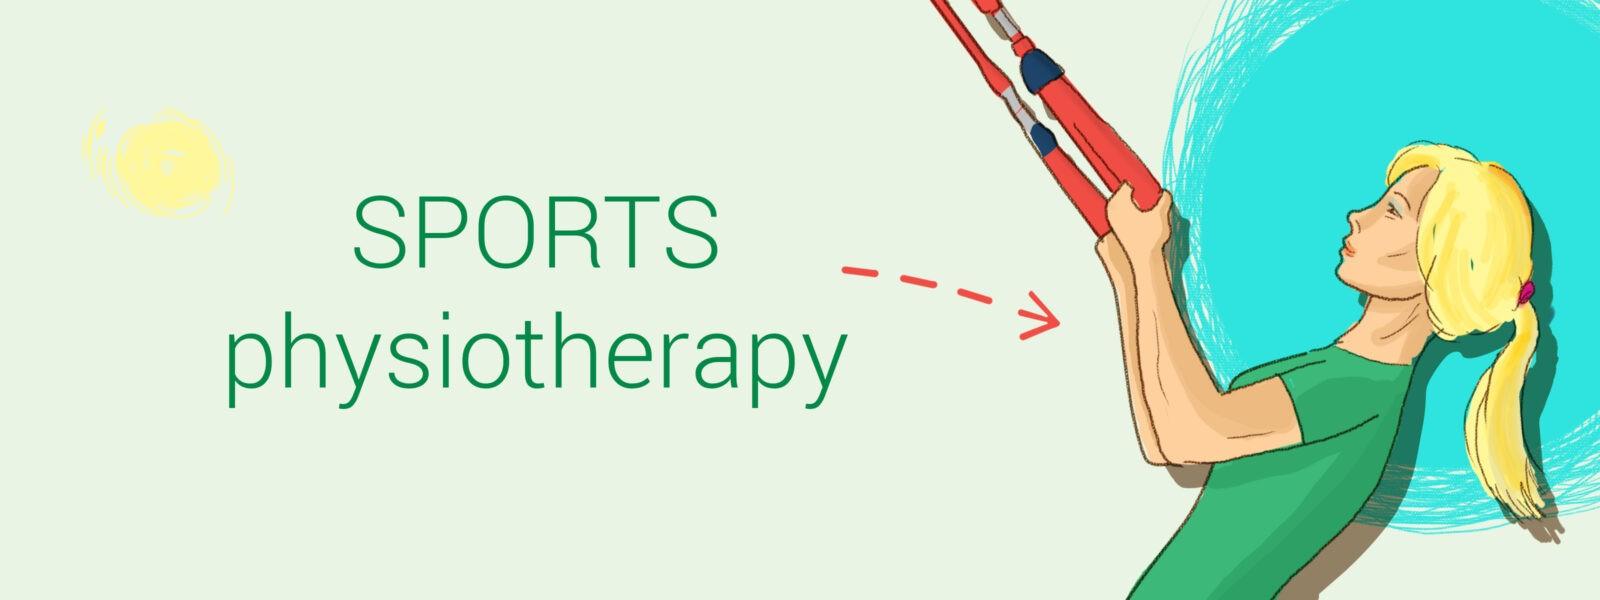 Sports physiotherapy Fizjoterapia Panaceum Kraków Paweł Czarnocki